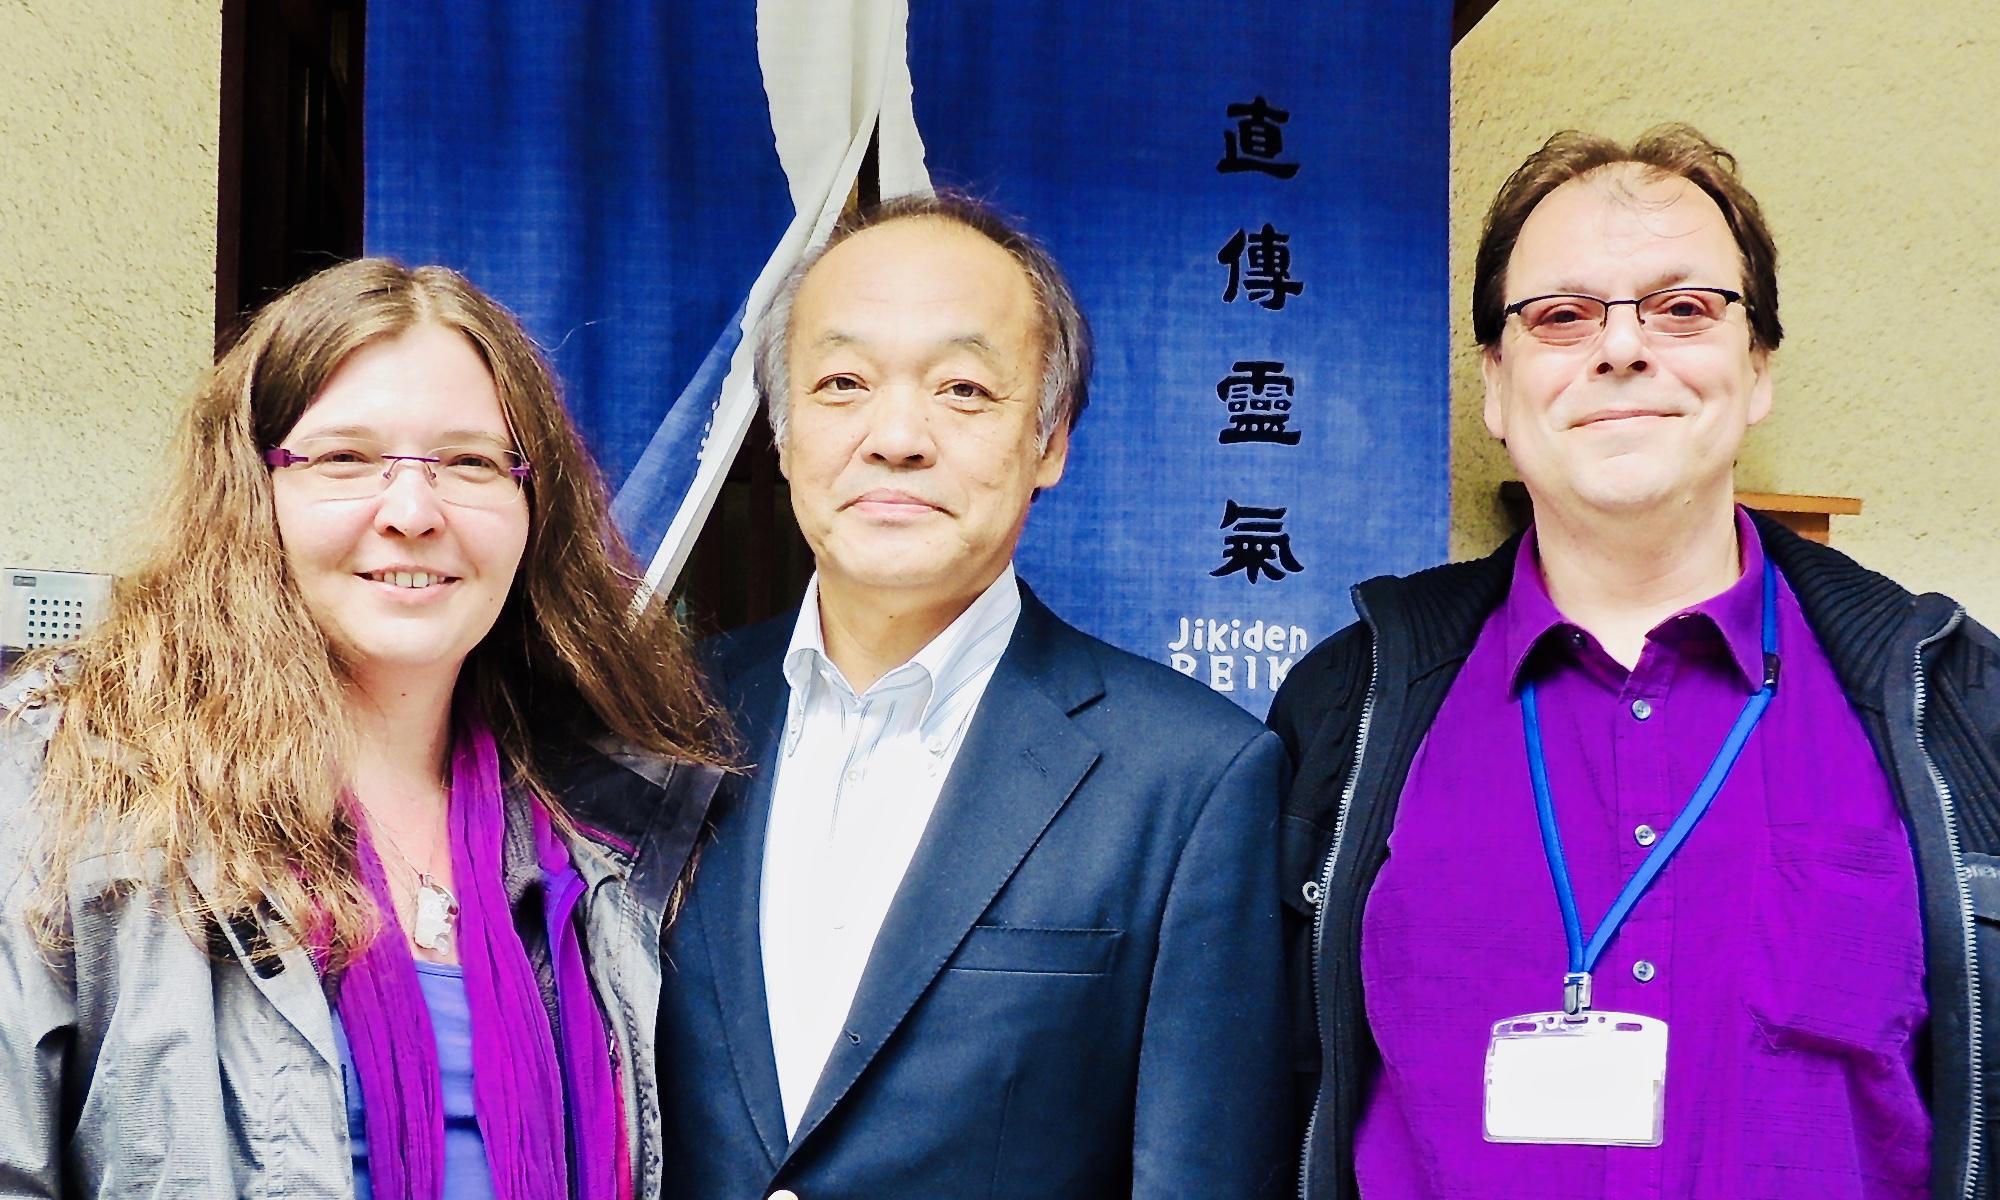 Vor dem Jikiden Reiki Institut in Kyoto: Verena Kautz (Shihan), Tadao Yamaguchi (Begründer Jikiden Reiki), Andreas Wippel (Shihan)